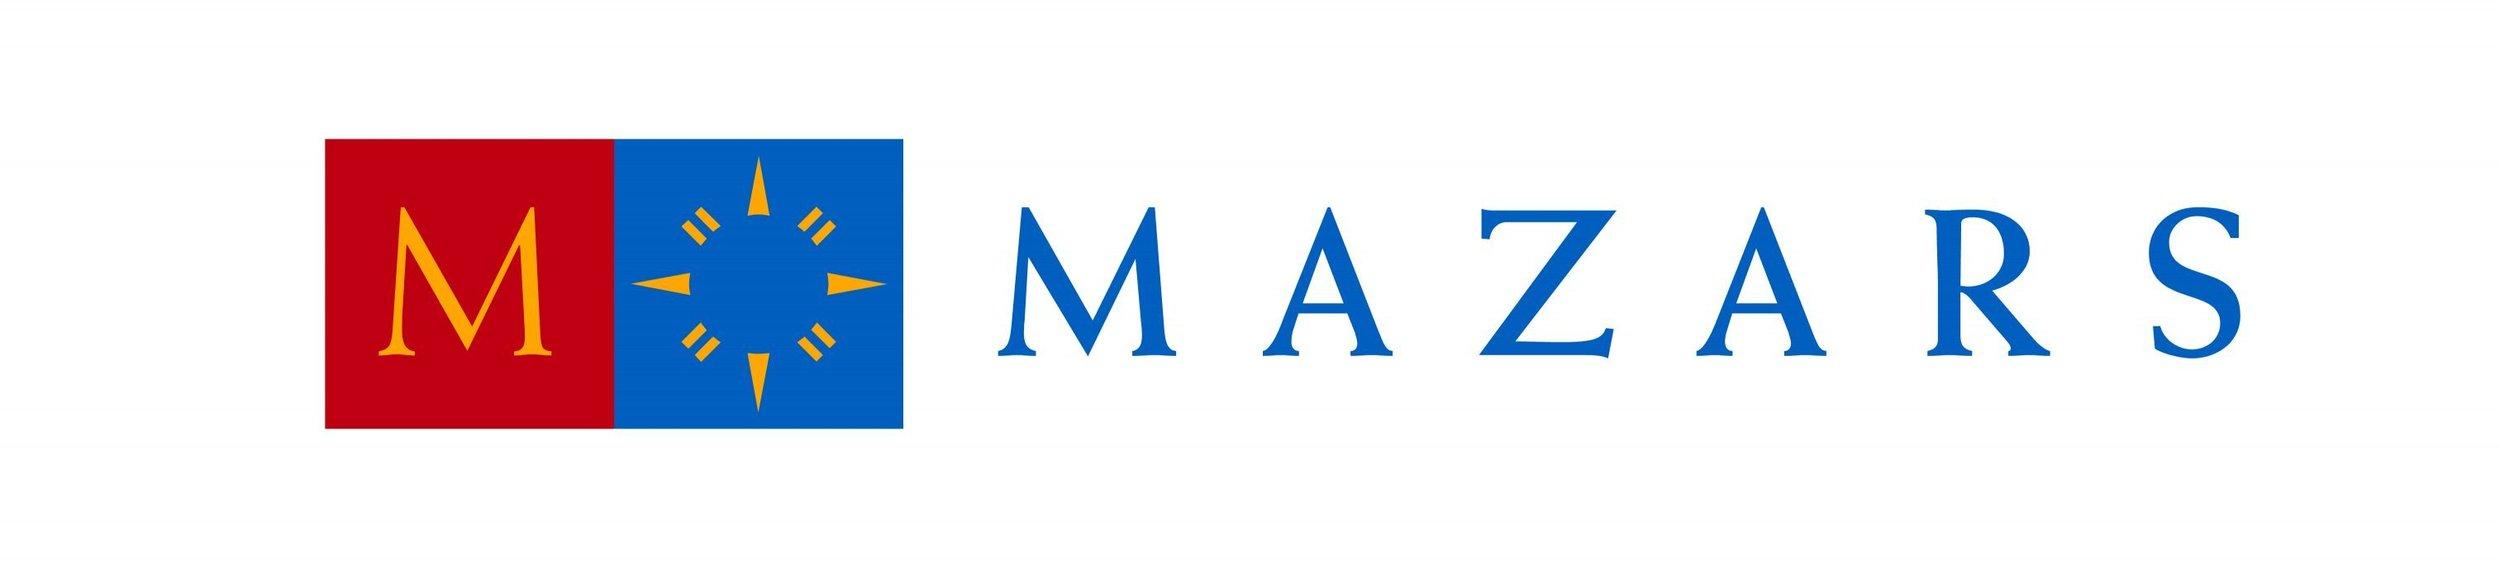 Logo-Mazars-e1493980095523.jpg